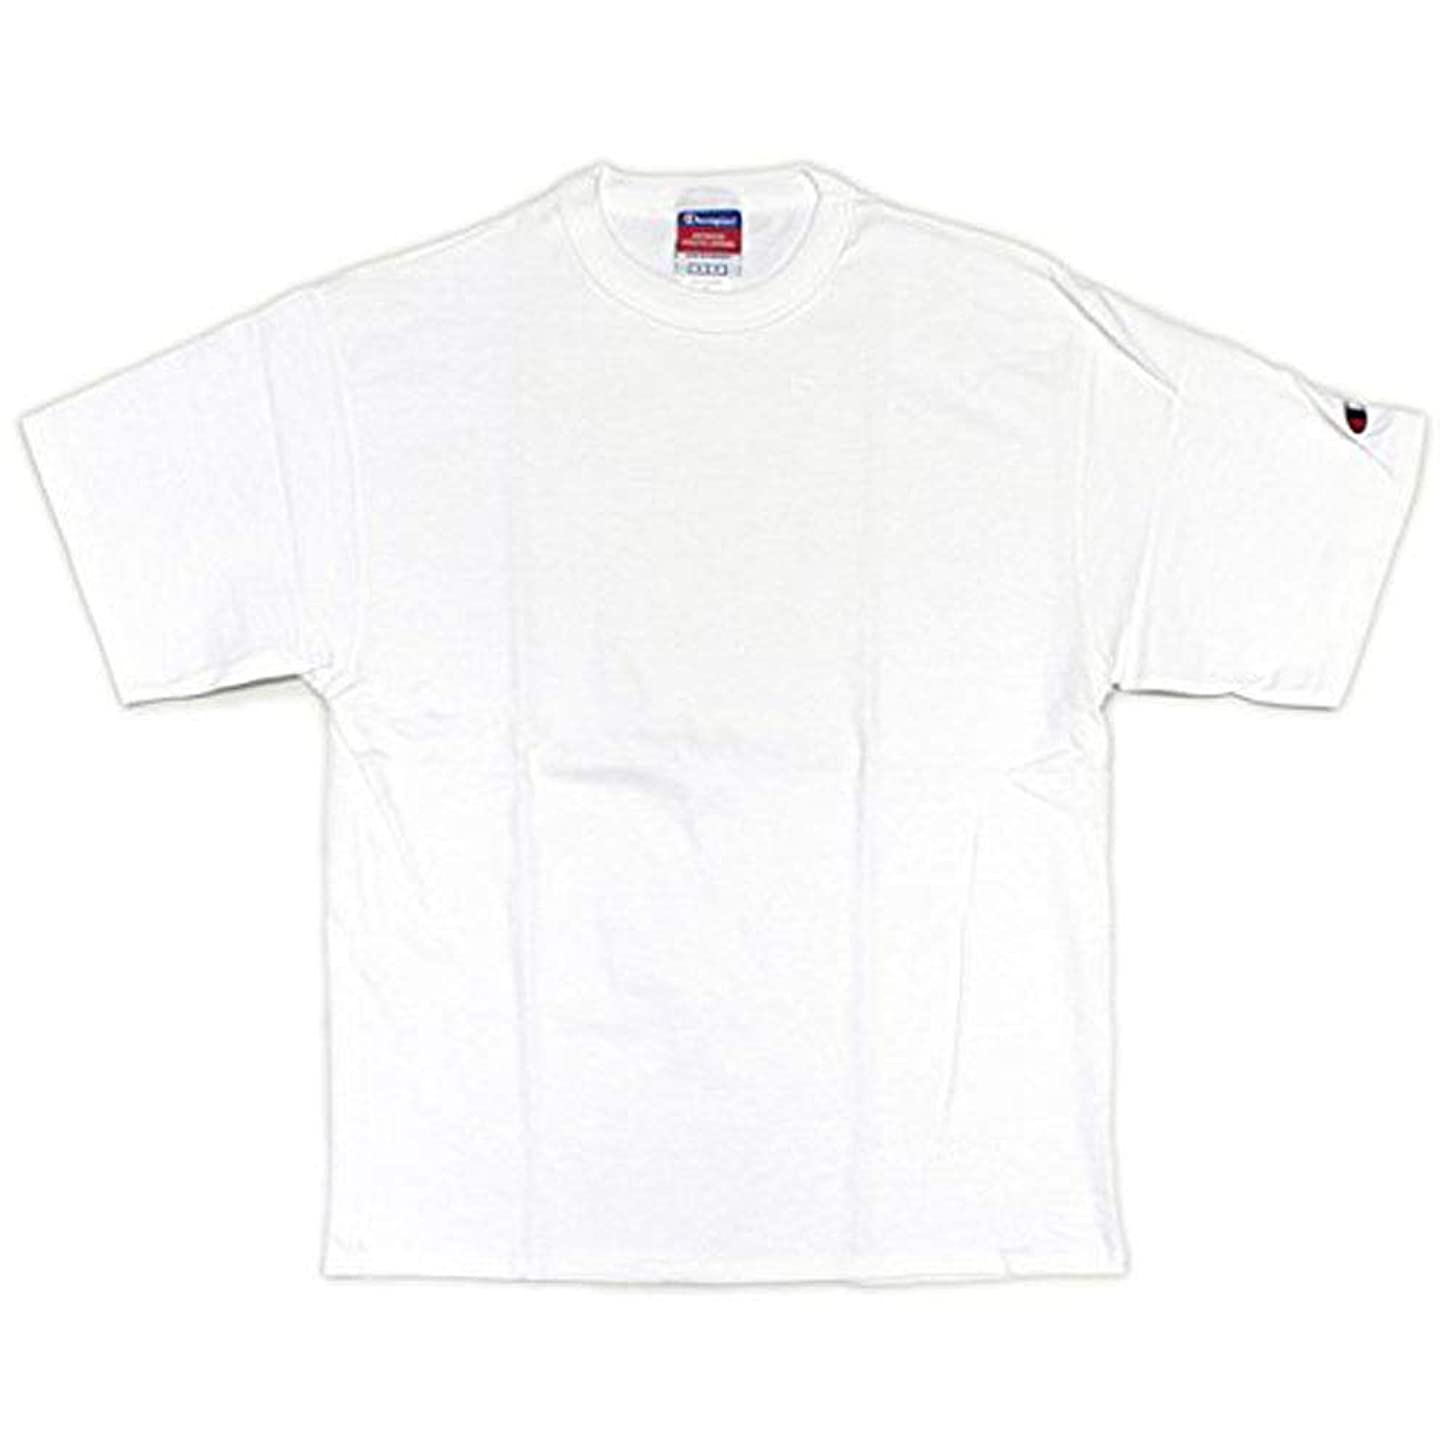 作り誘う作動するChampion/Heritage Jersey T-Shirts(チャンピオン/ヘリテイジジャージーTシャツ)】